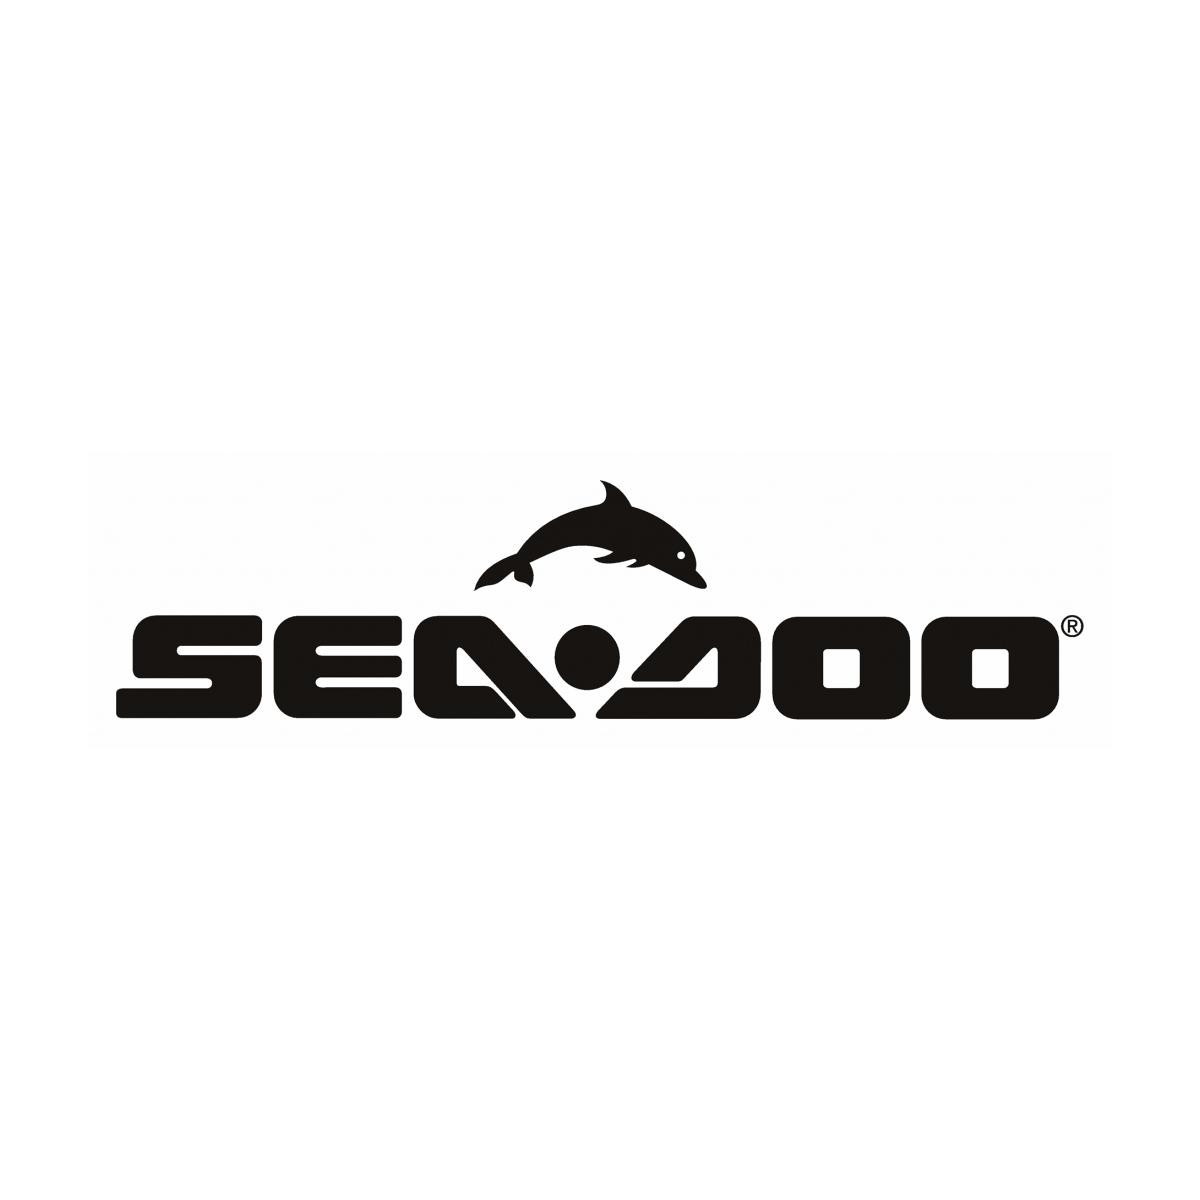 Carenagem do Motor para Jet Ski Sea Doo GTX/RXT/RXP 2003 à 2012  - Radical Peças - Peças para Jet Ski